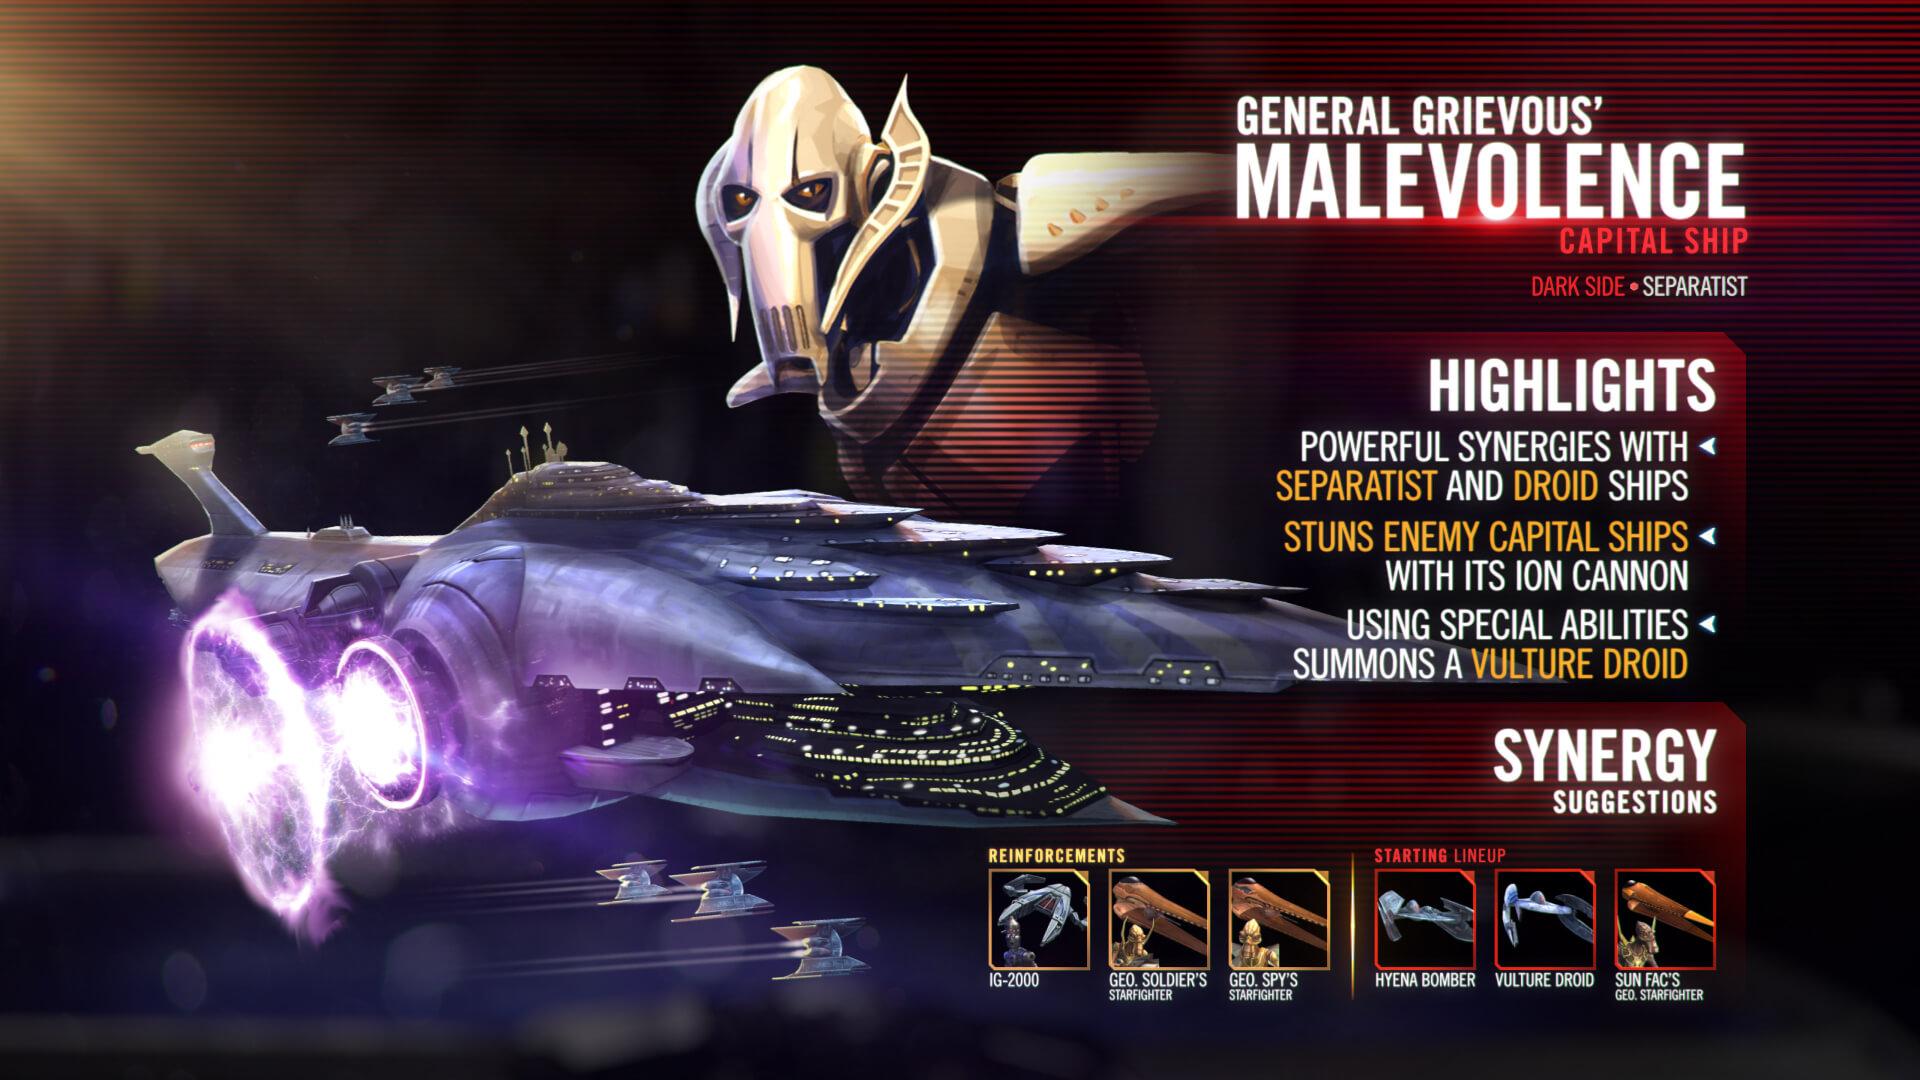 El Malevolencia es la segunda mejor nave de SWGOH